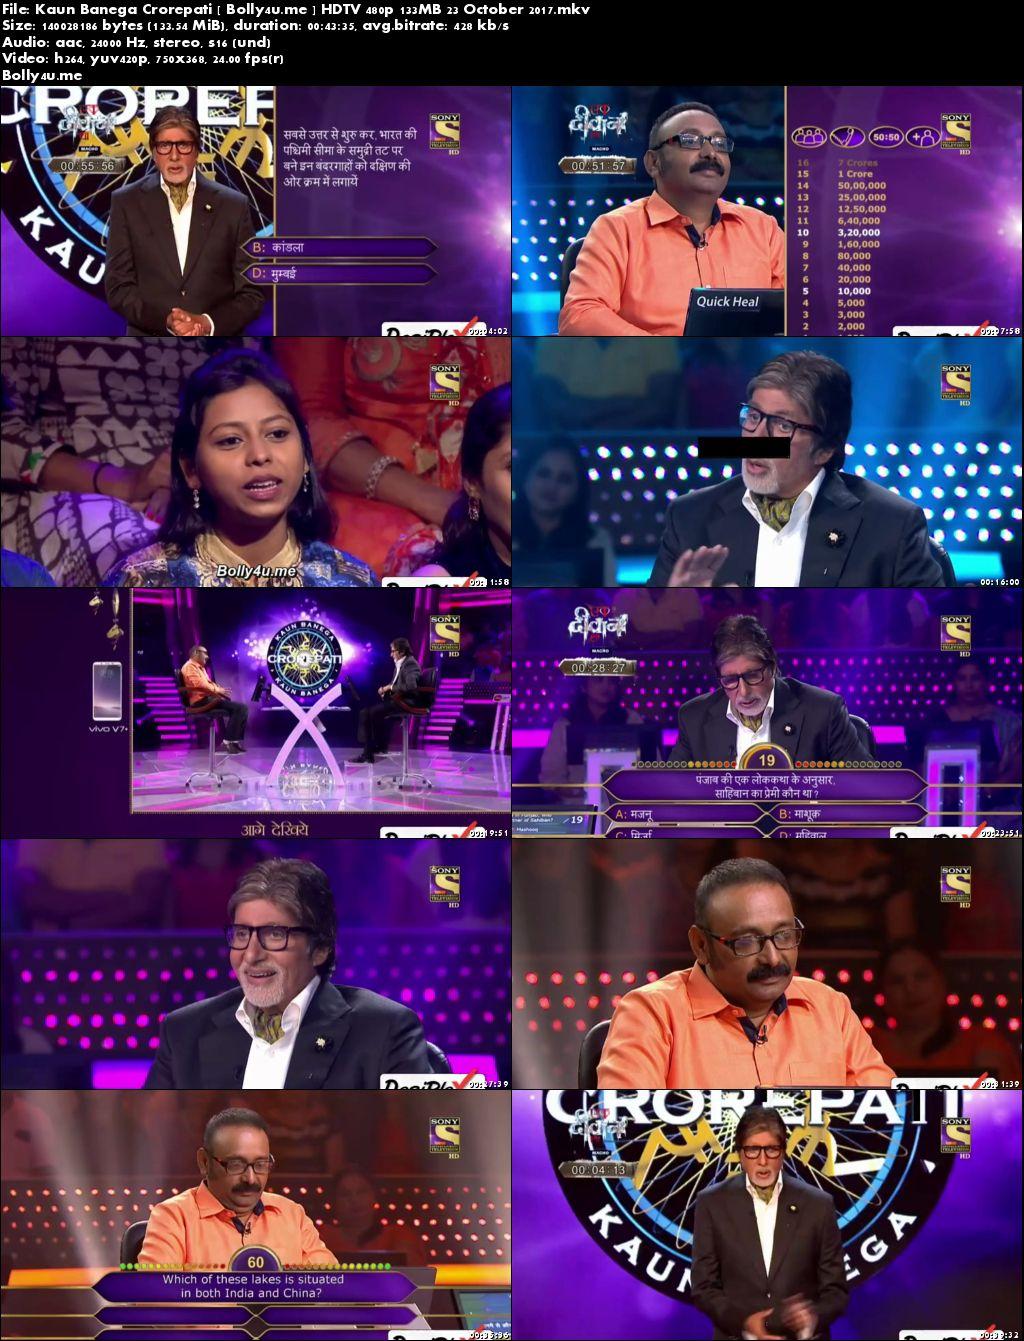 Kaun Banega Crorepati HDTV 480p 130MB 23 October 2017 Download